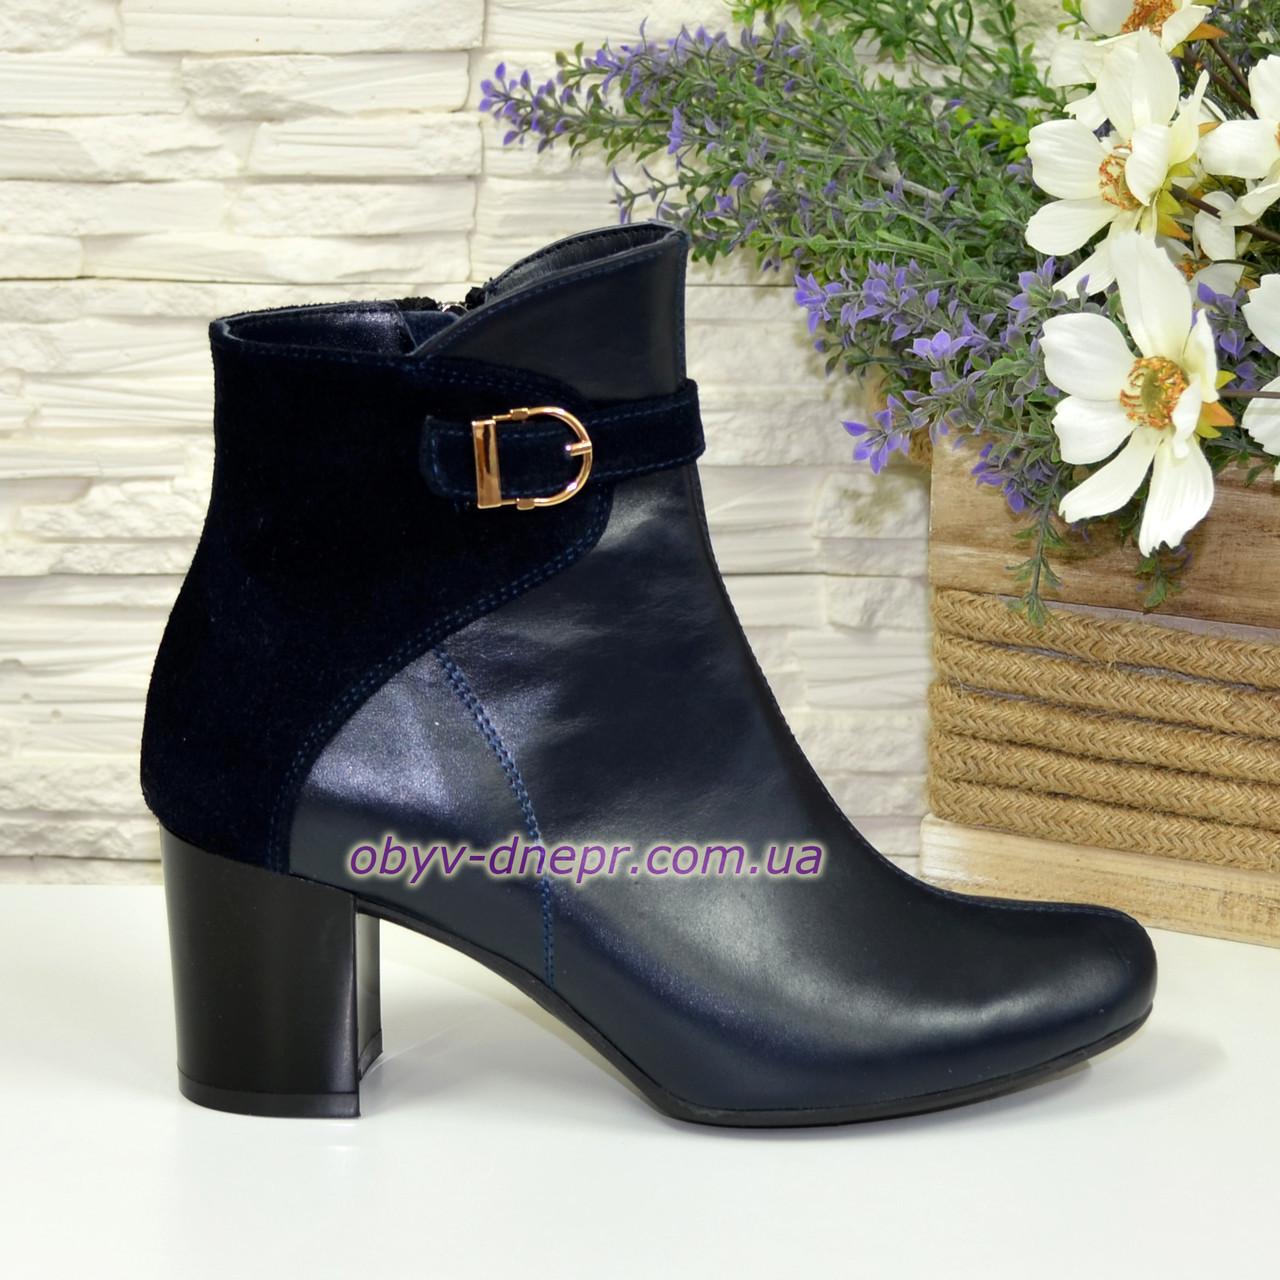 Женские демисезонные ботинки на невысоком каблуке, цвет синий